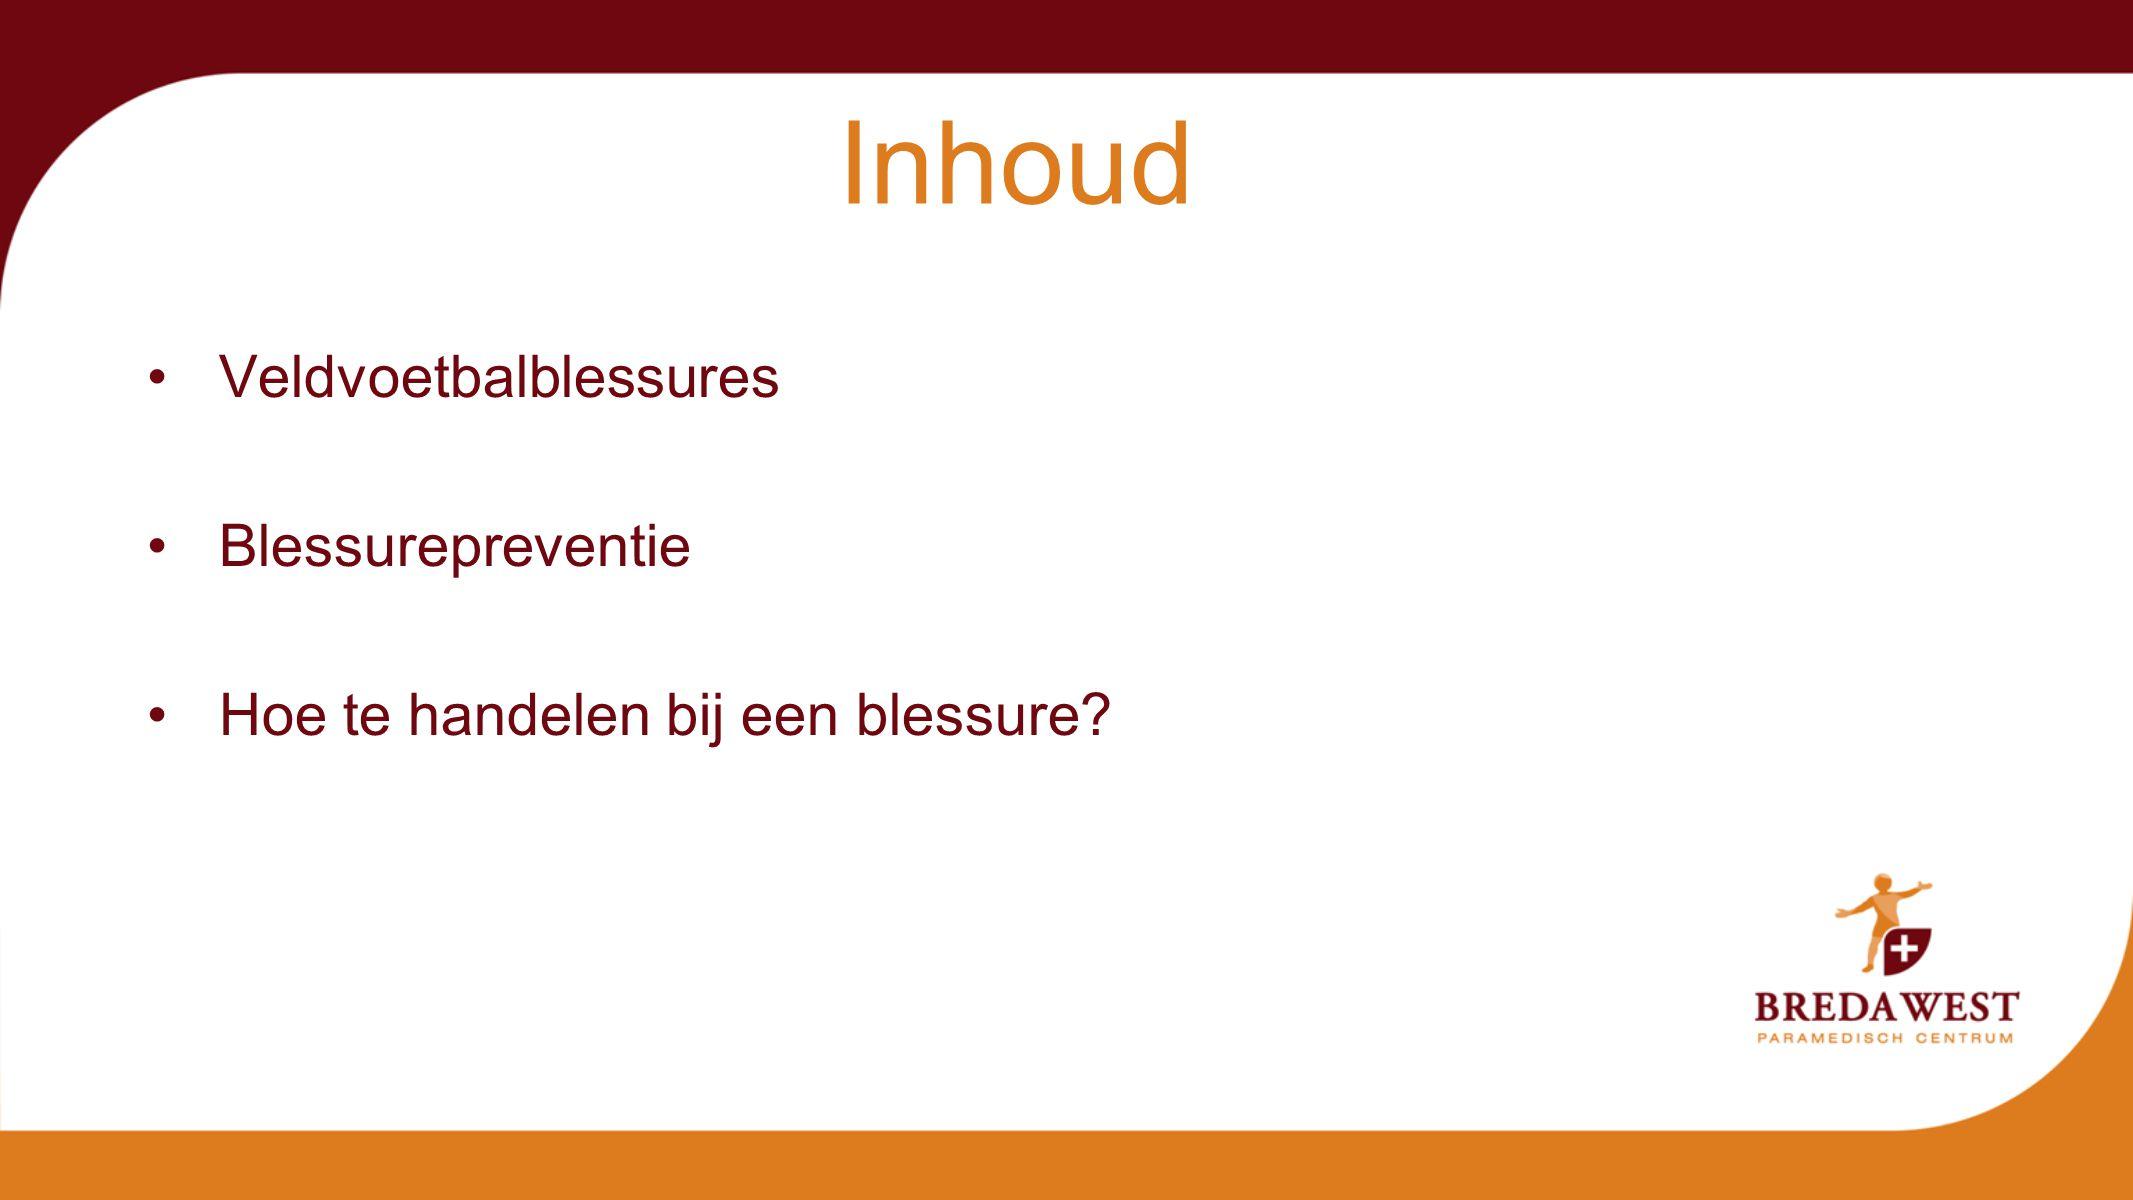 Inhoud Breda West Paramedisch Centrum Veldvoetbalblessures